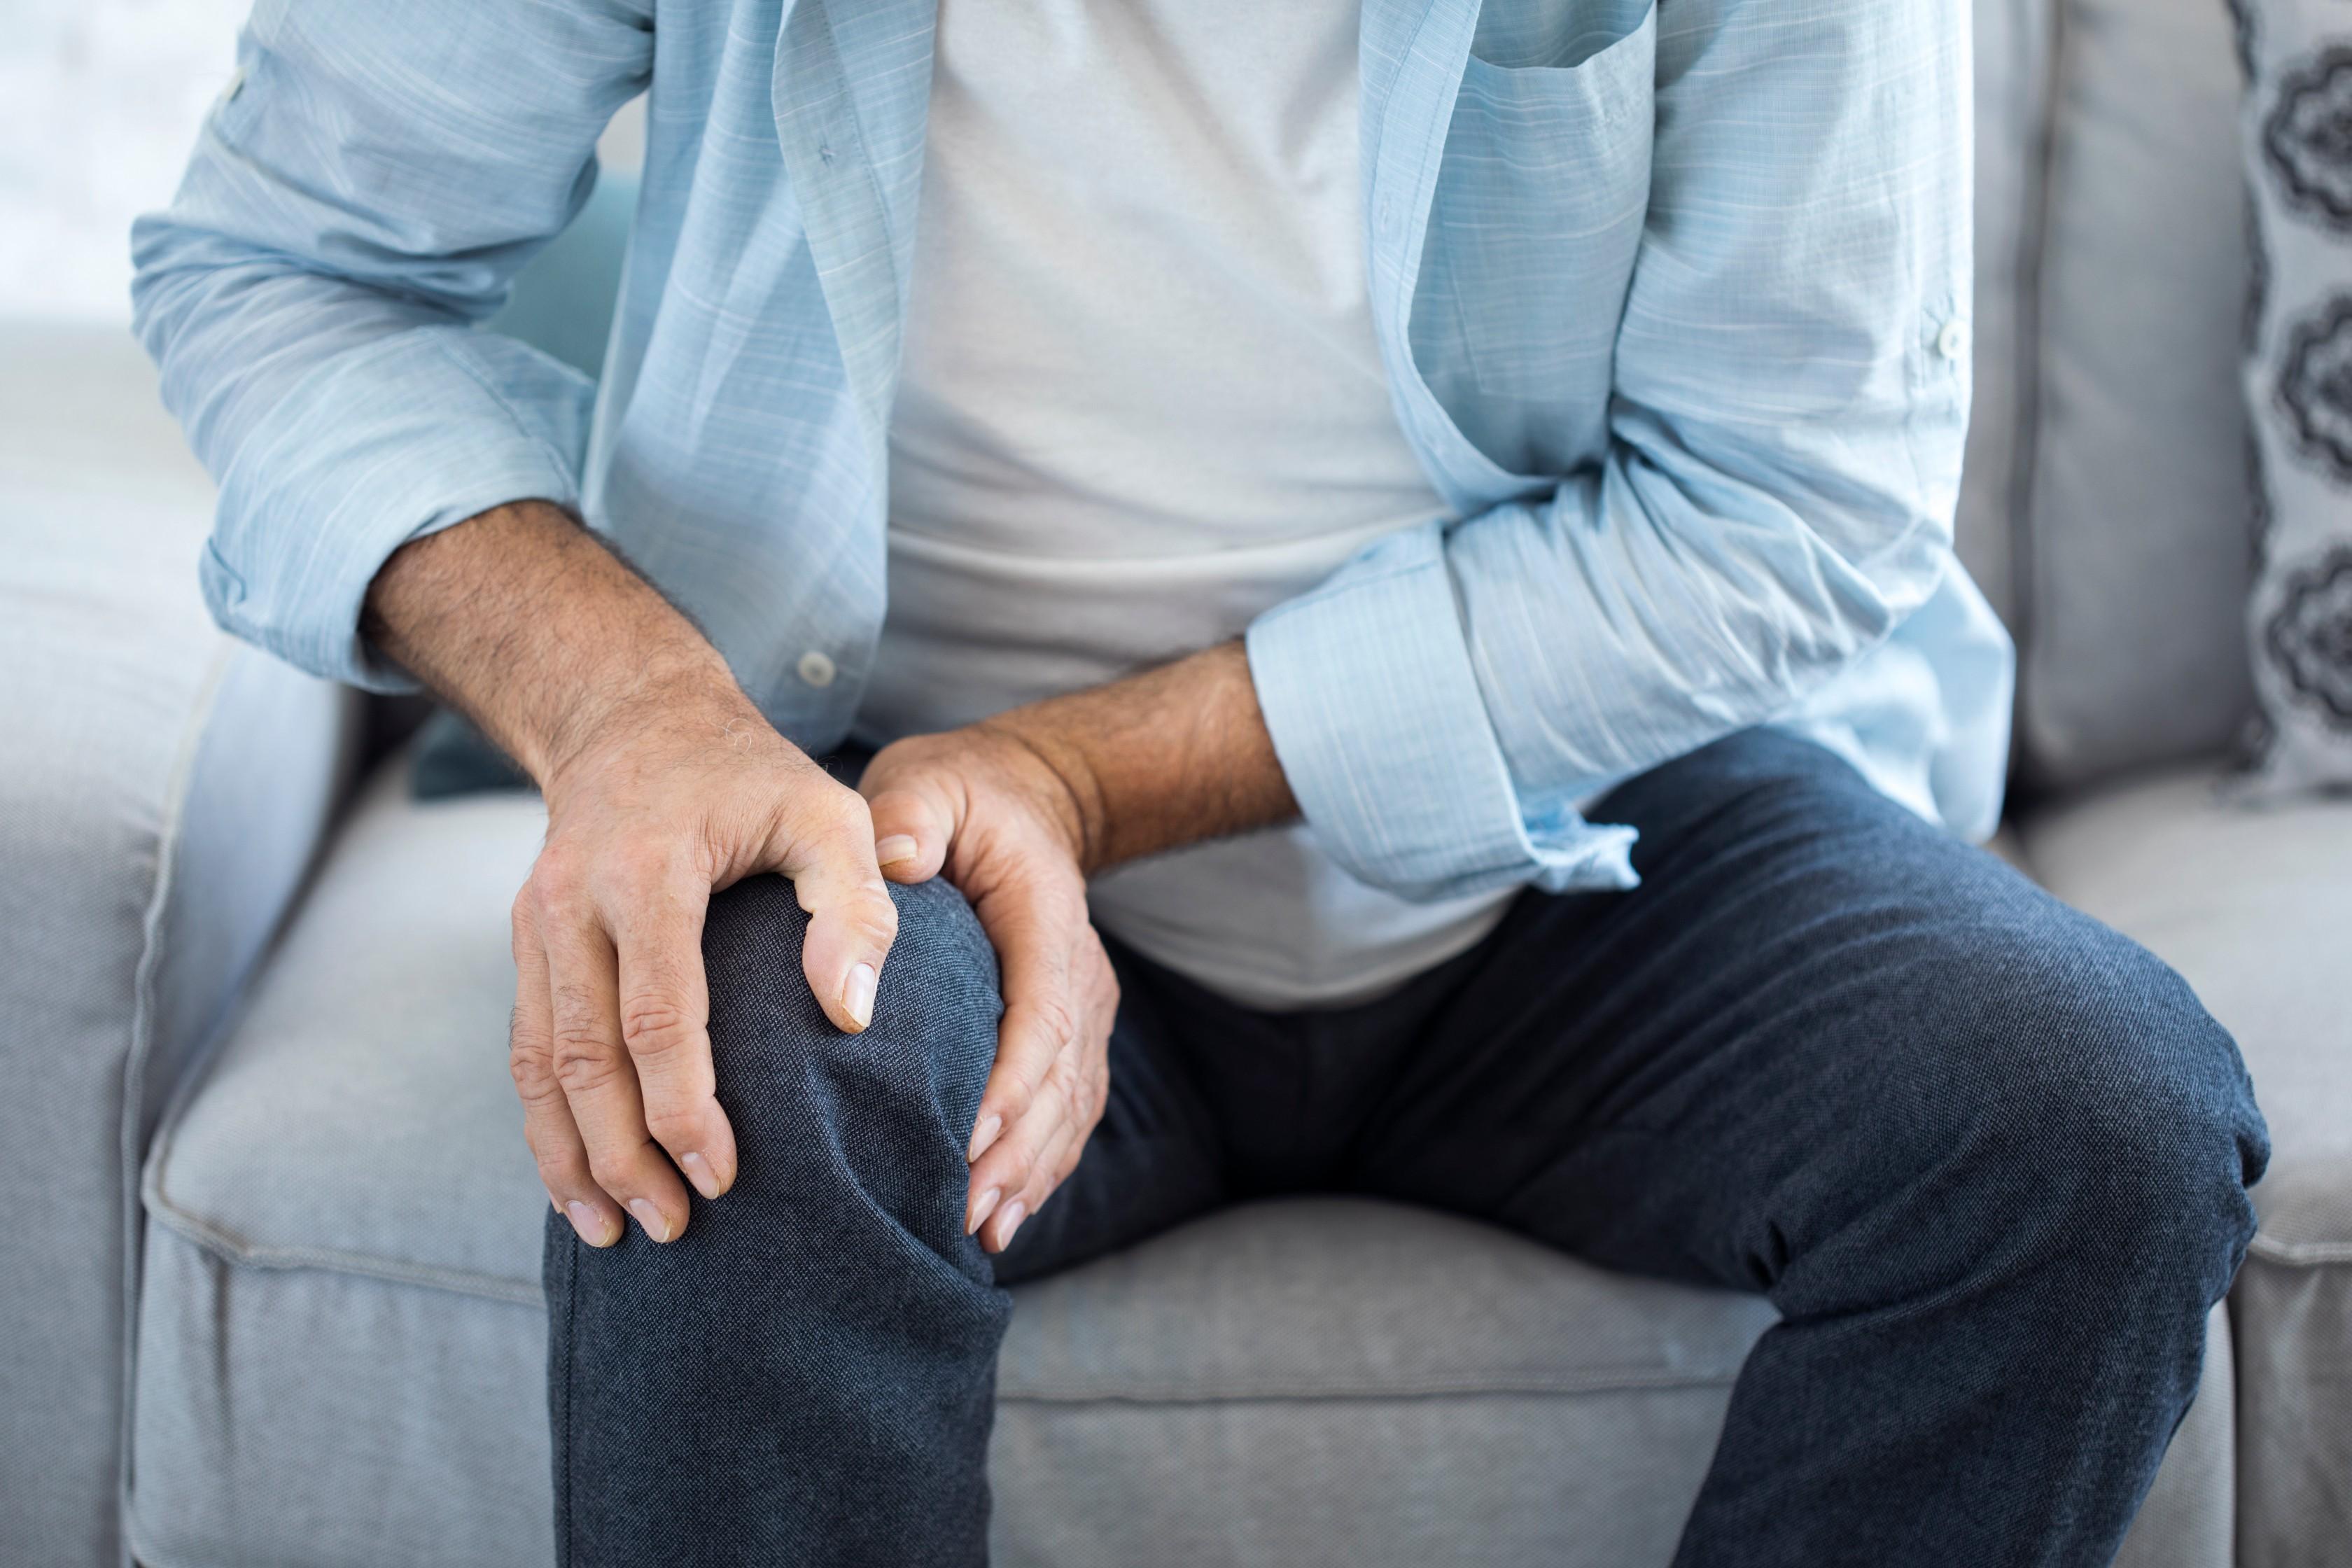 súlyos fájó fájdalom az izmokban és az ízületekben